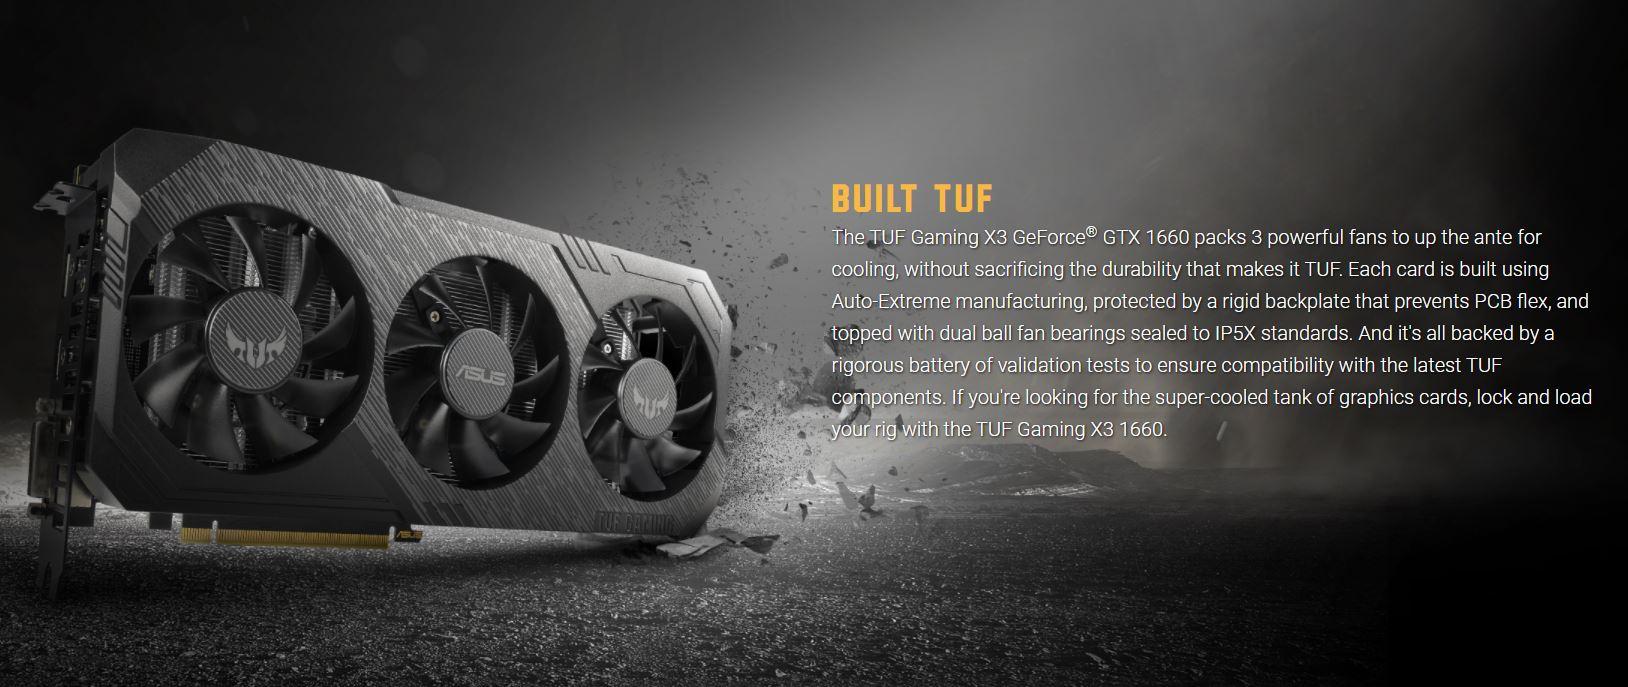 Card màn hình Asus TUF3 GTX 1660 - 6G GAMING